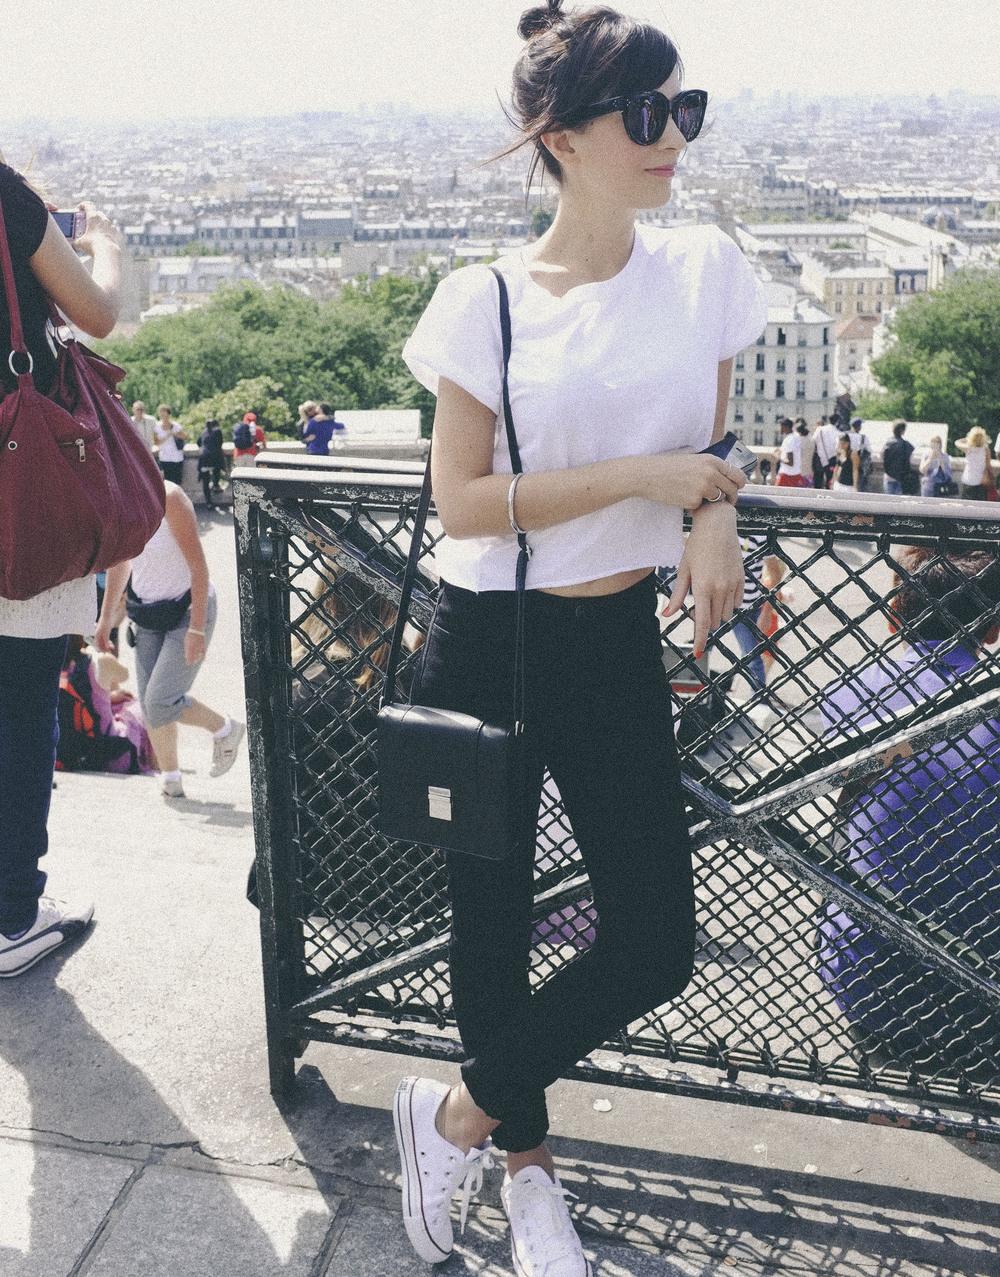 sacre coeur, paris - www.derrive.com